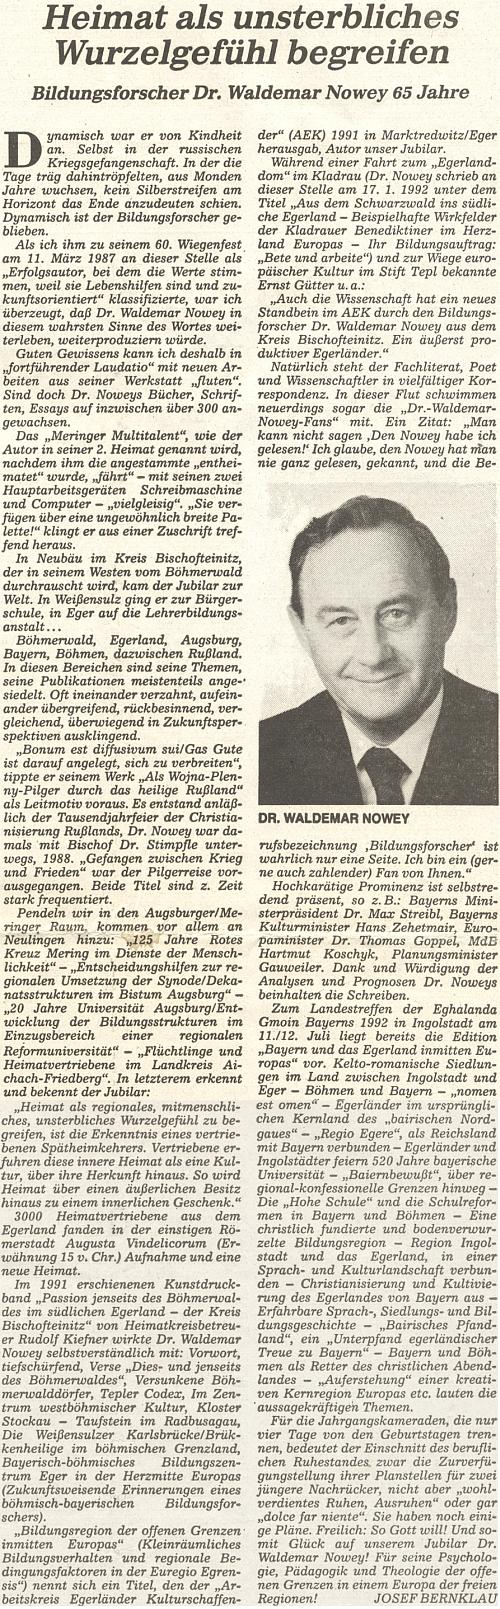 K jeho pětašedesátinám vyšel na stránkách oficiálního orgánu krajanského sdružení tento text, jehož autorem je Josef Bernklau